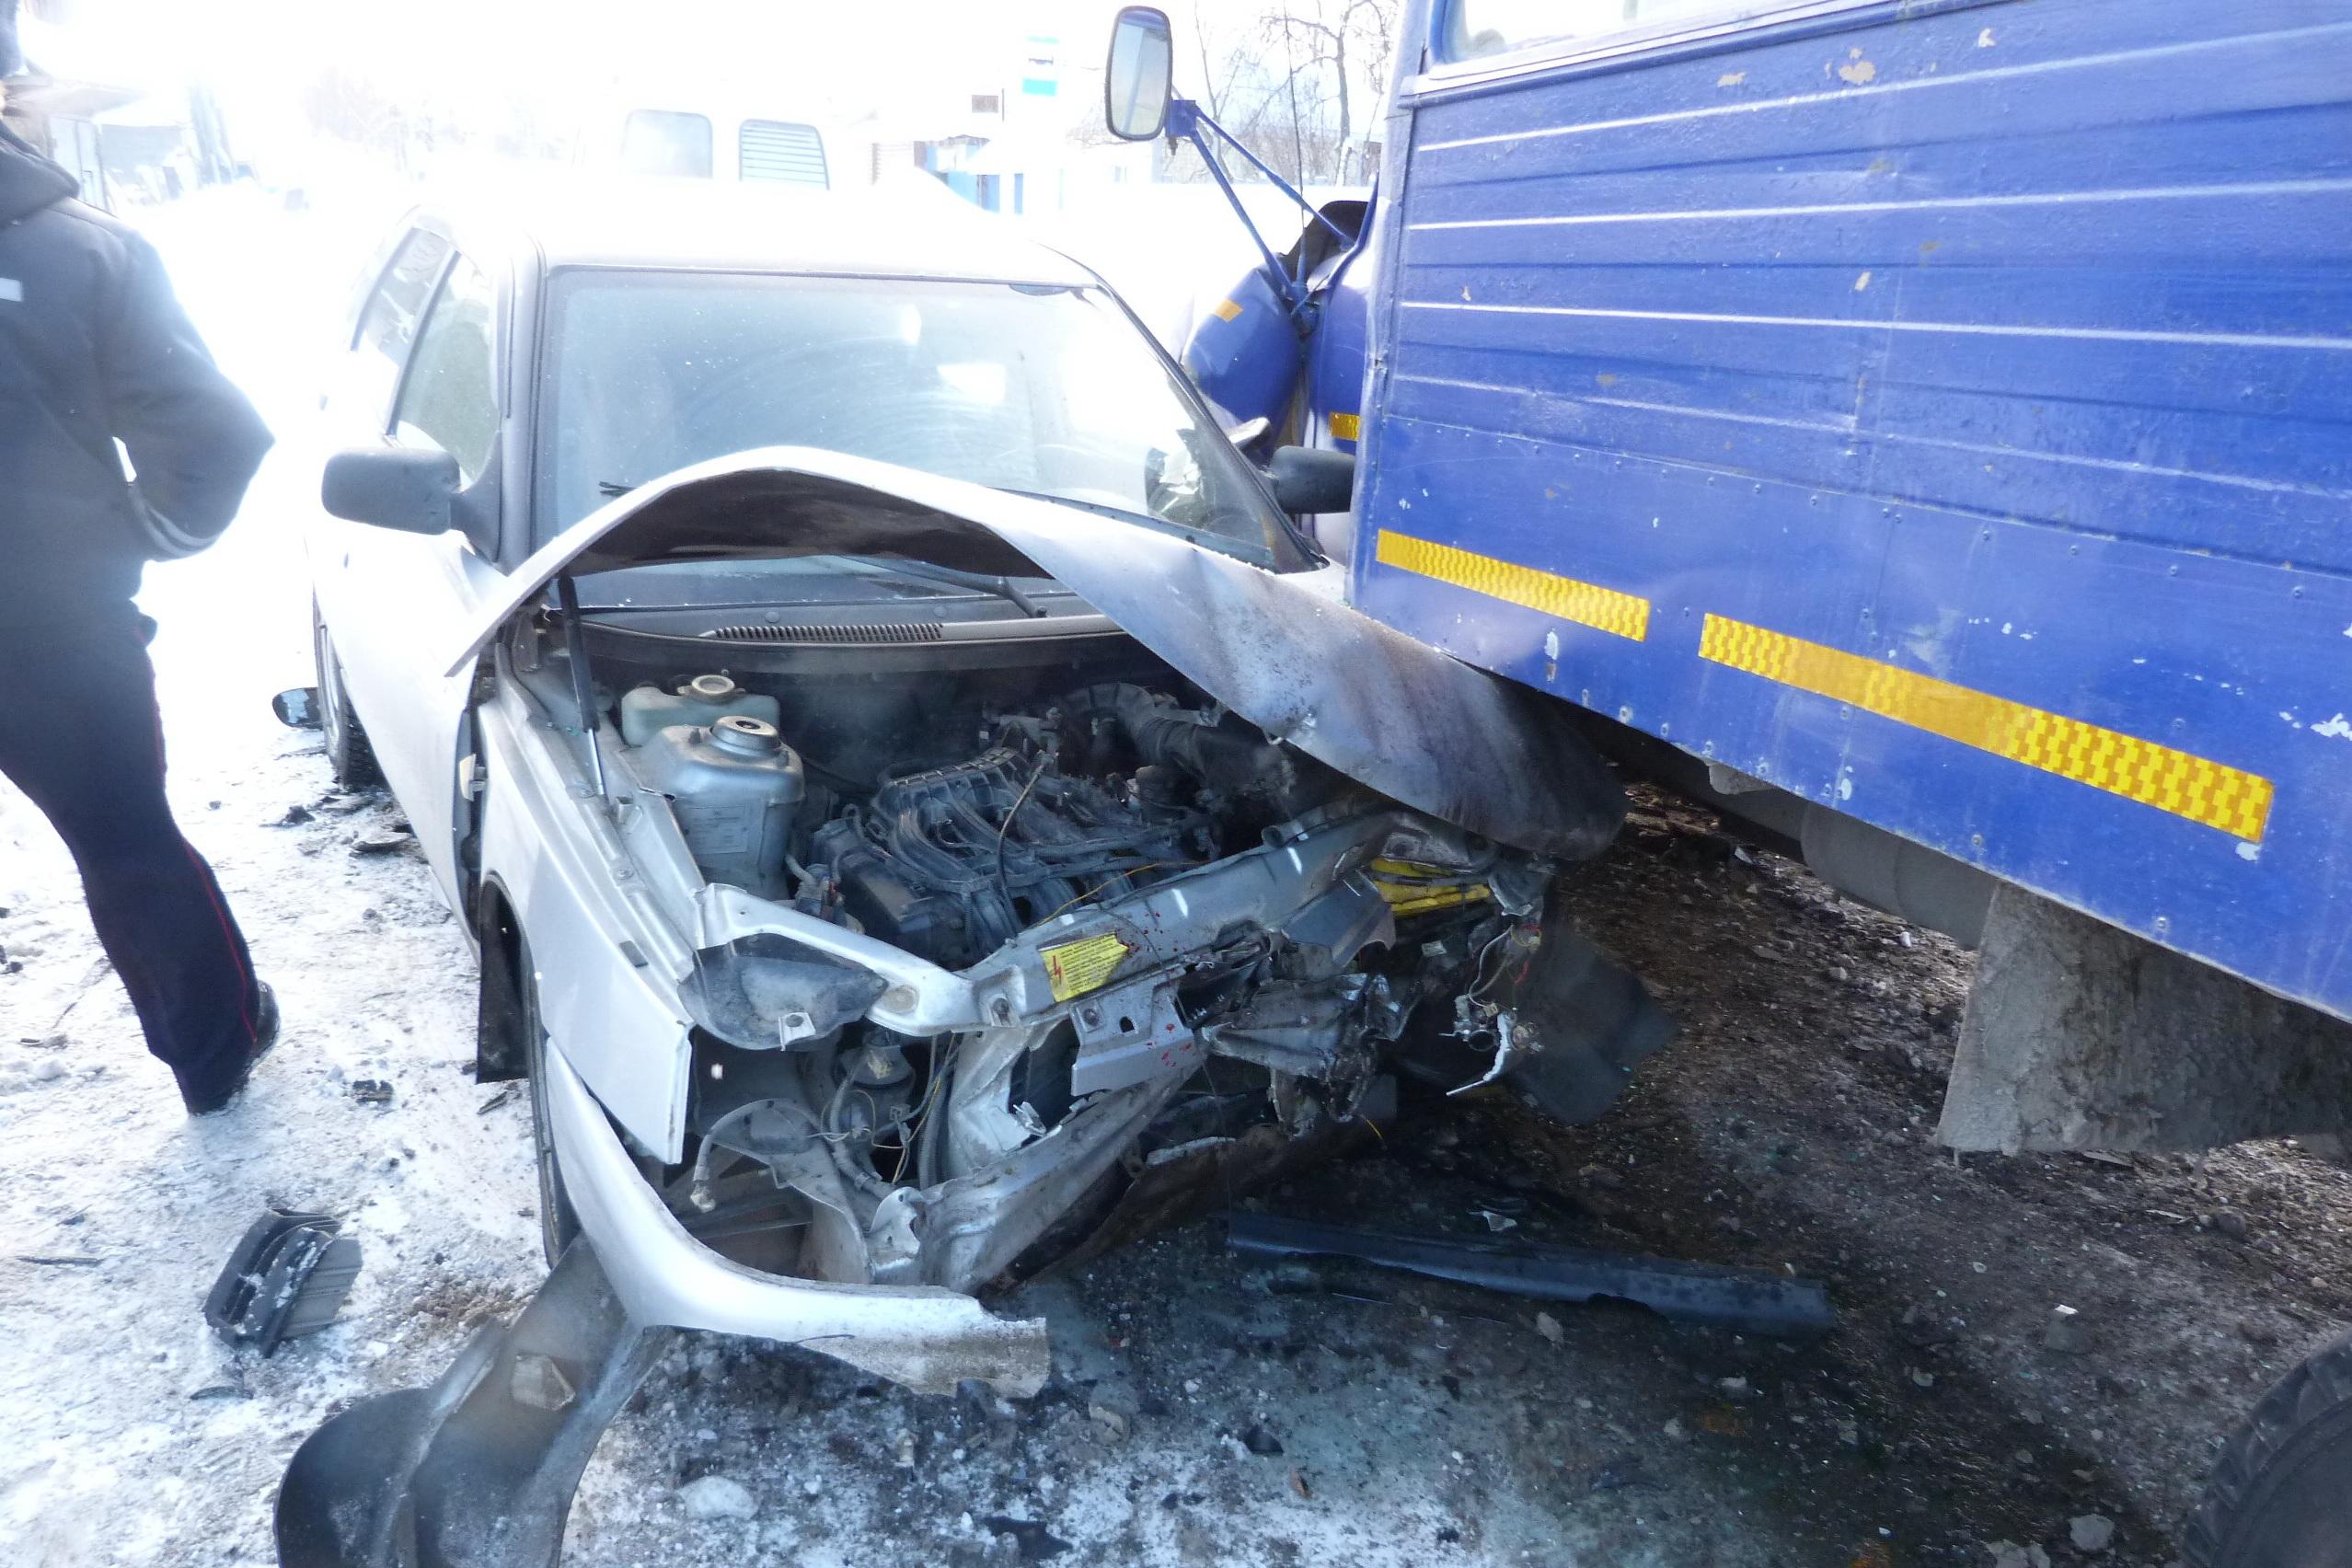 ВСвердловской области шофёр «двенадцатой» влетел под фургон навстречке